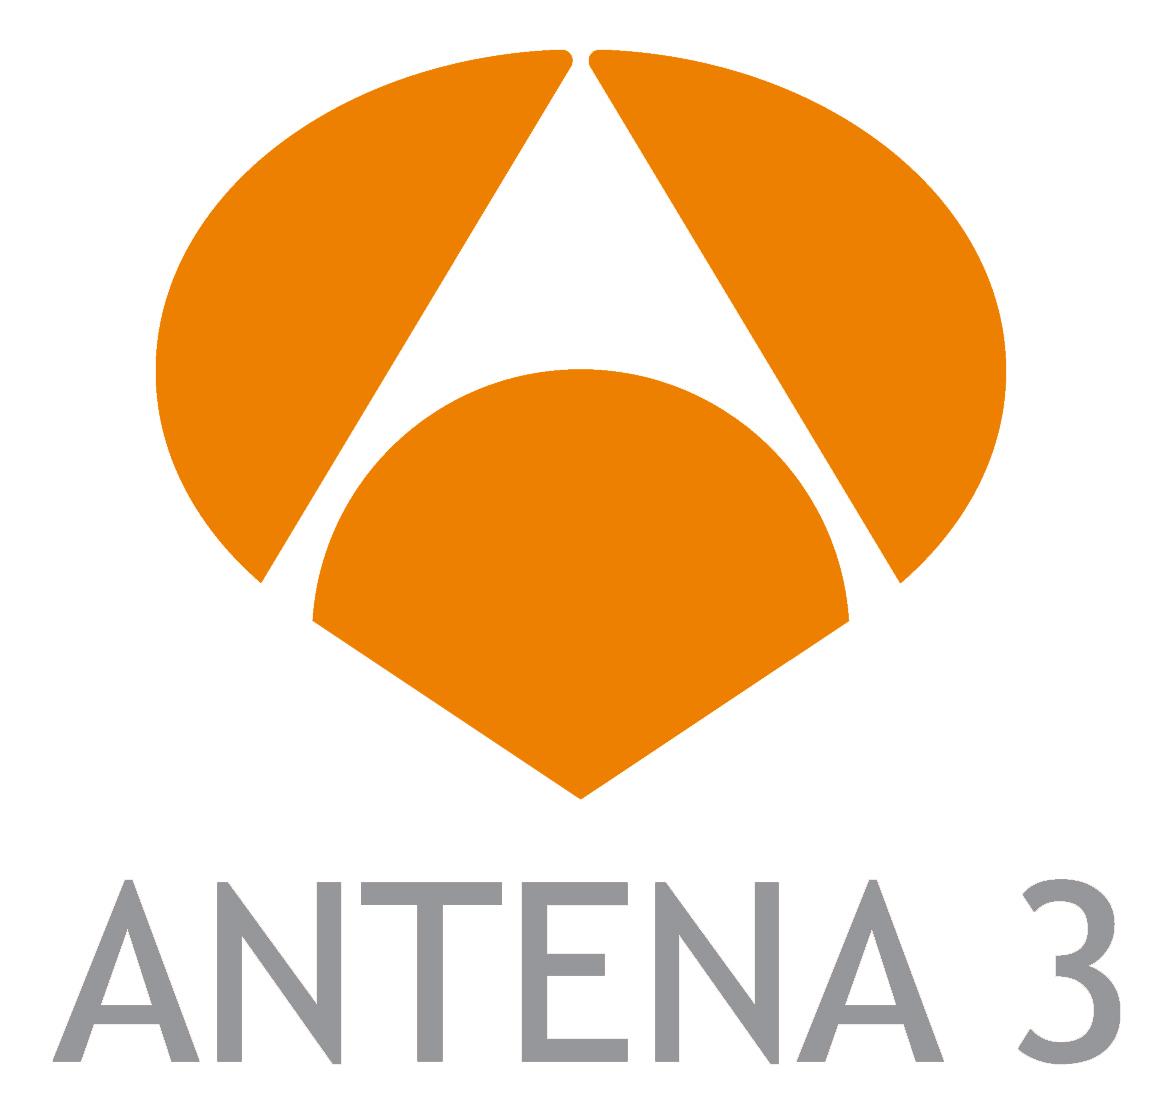 Antena 3 Live TV